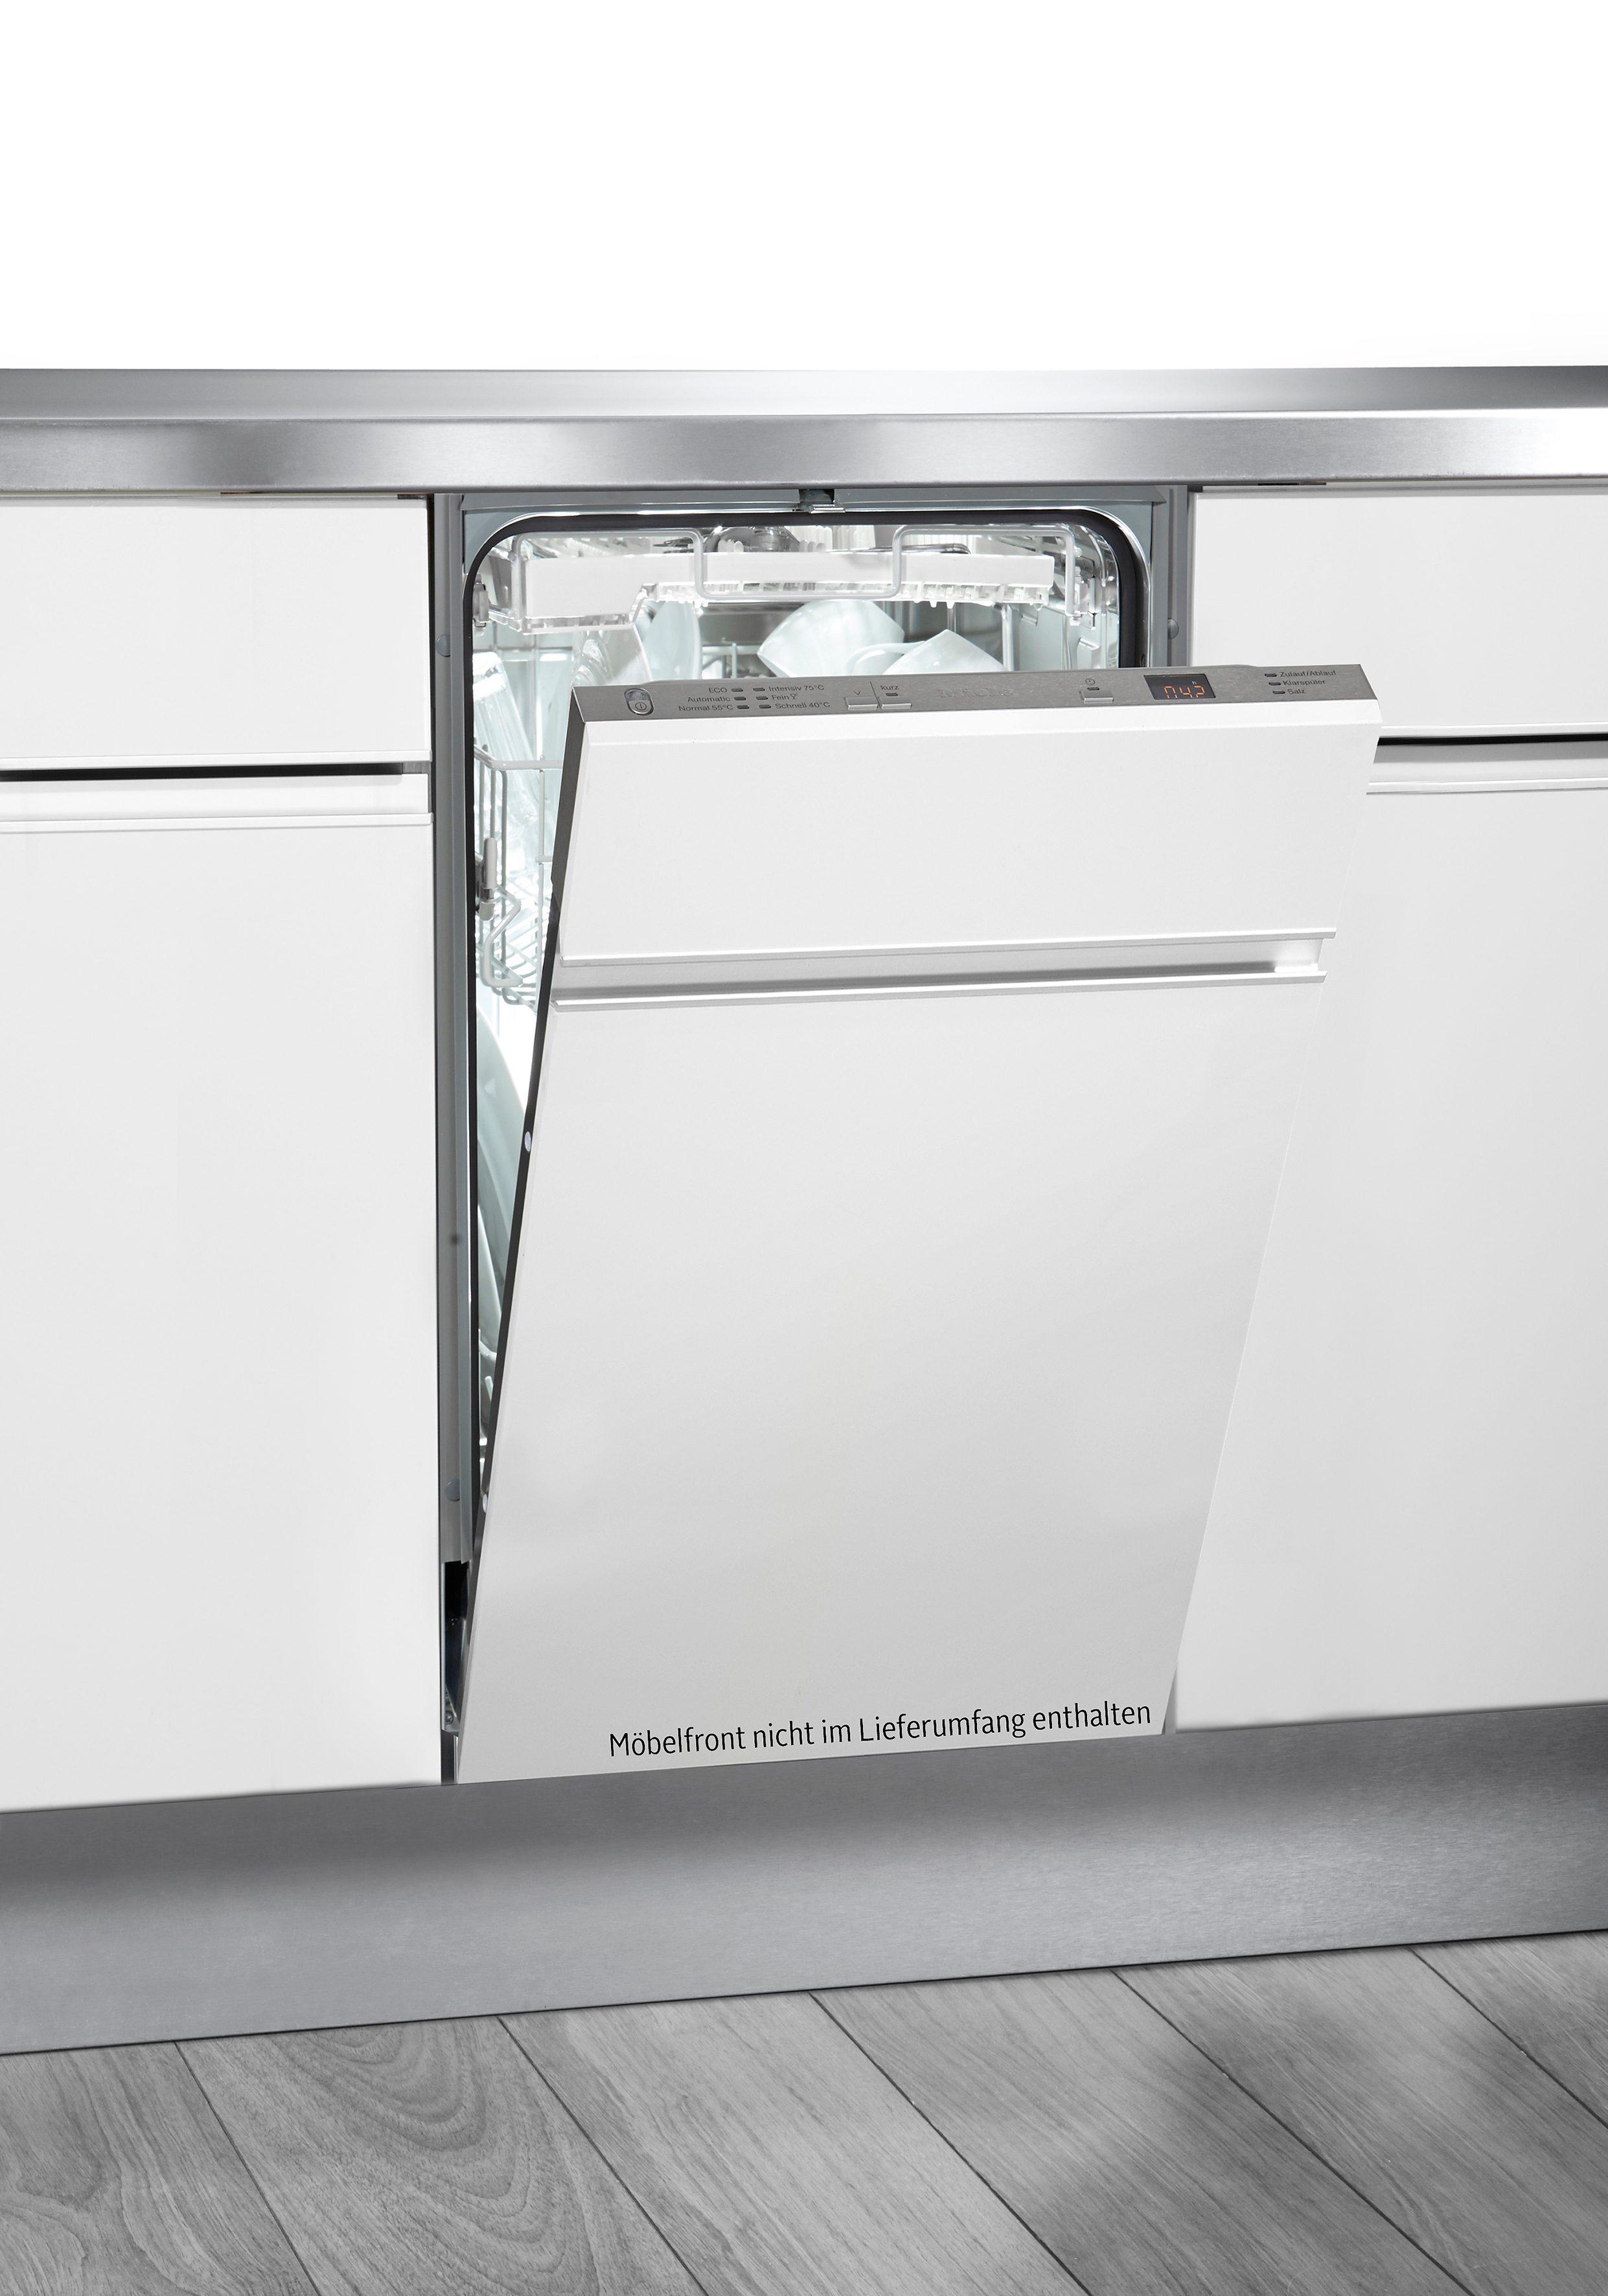 Miele vollintegrierbarer Einbau-Geschirrspüler G 4760 SCVi, A+, 8,7 Liter, 9 Maßgedecke